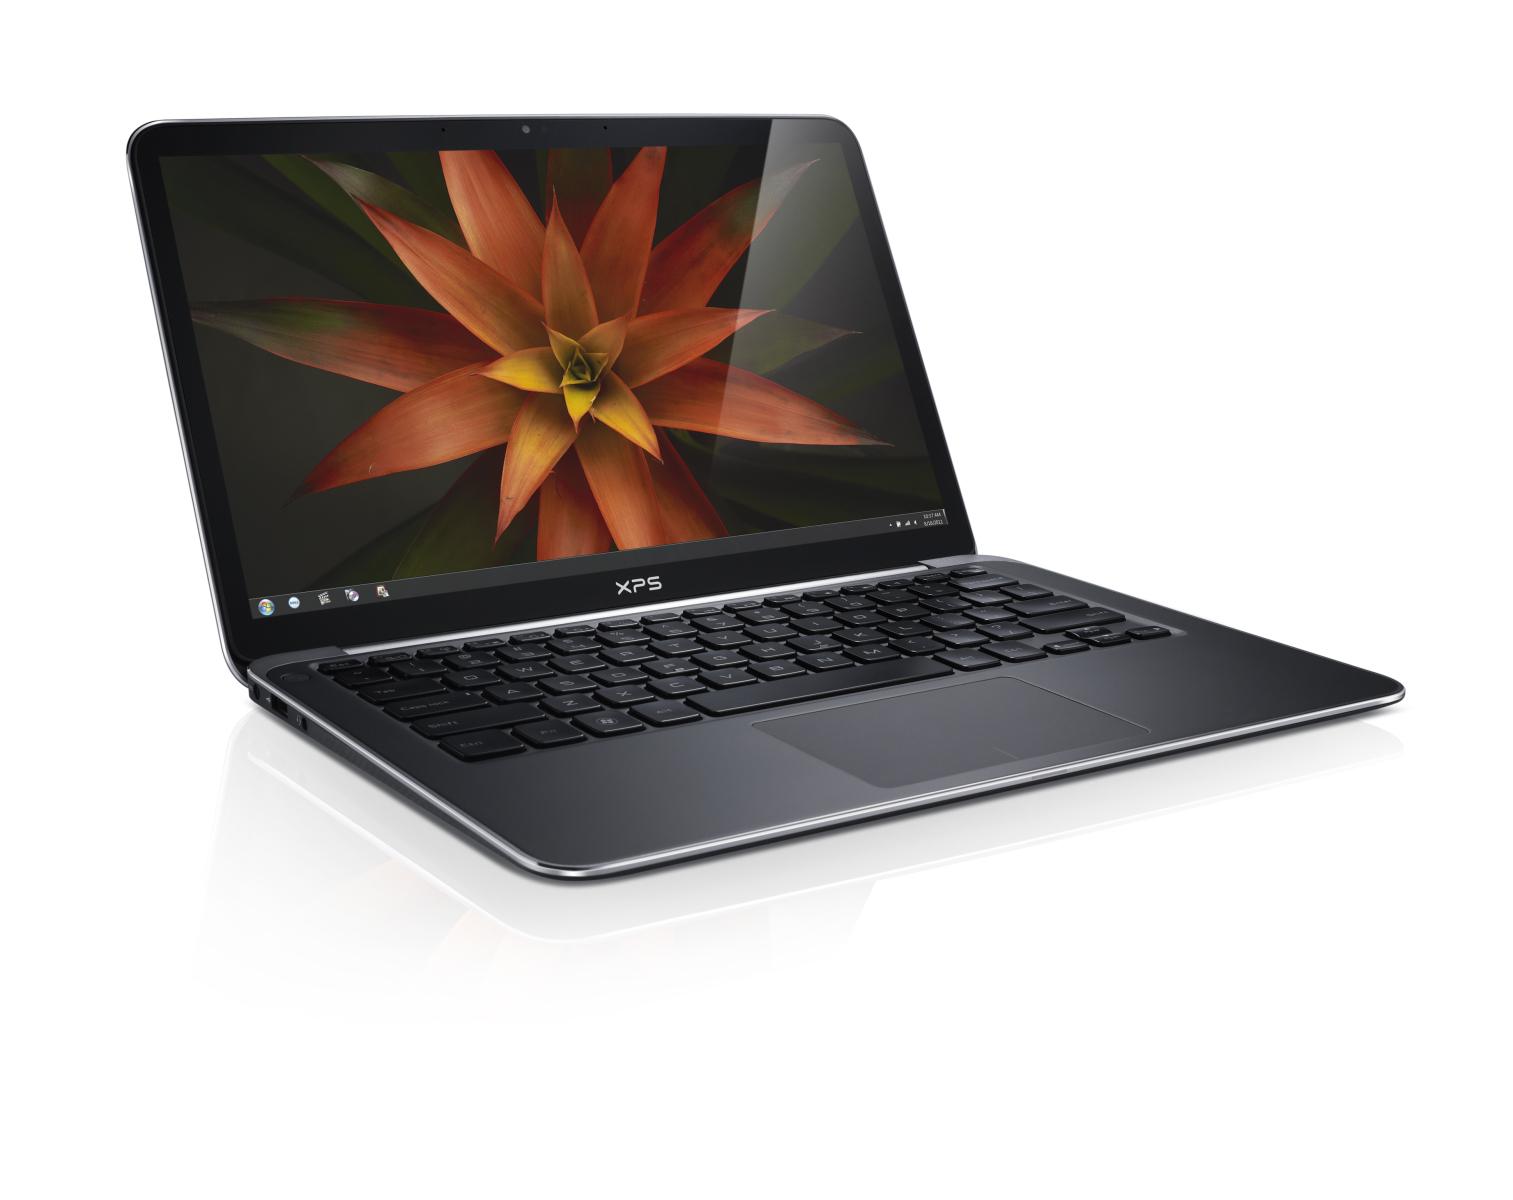 Dell announces XPS 13 Ultrabook - NotebookCheck.net News